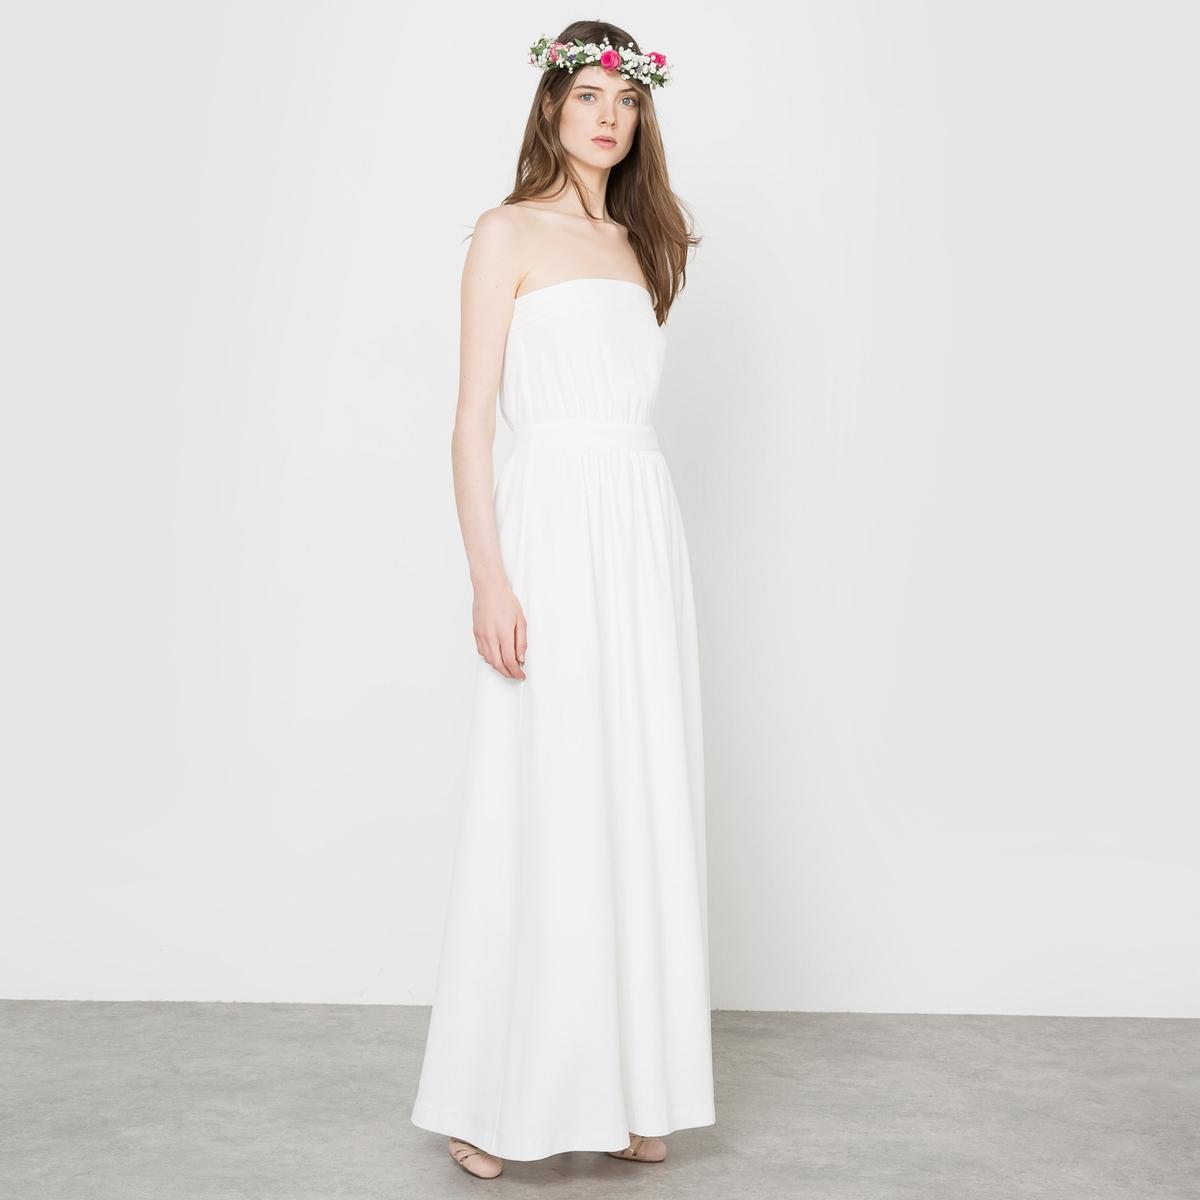 Платье свадебное длинное, форма бюстье